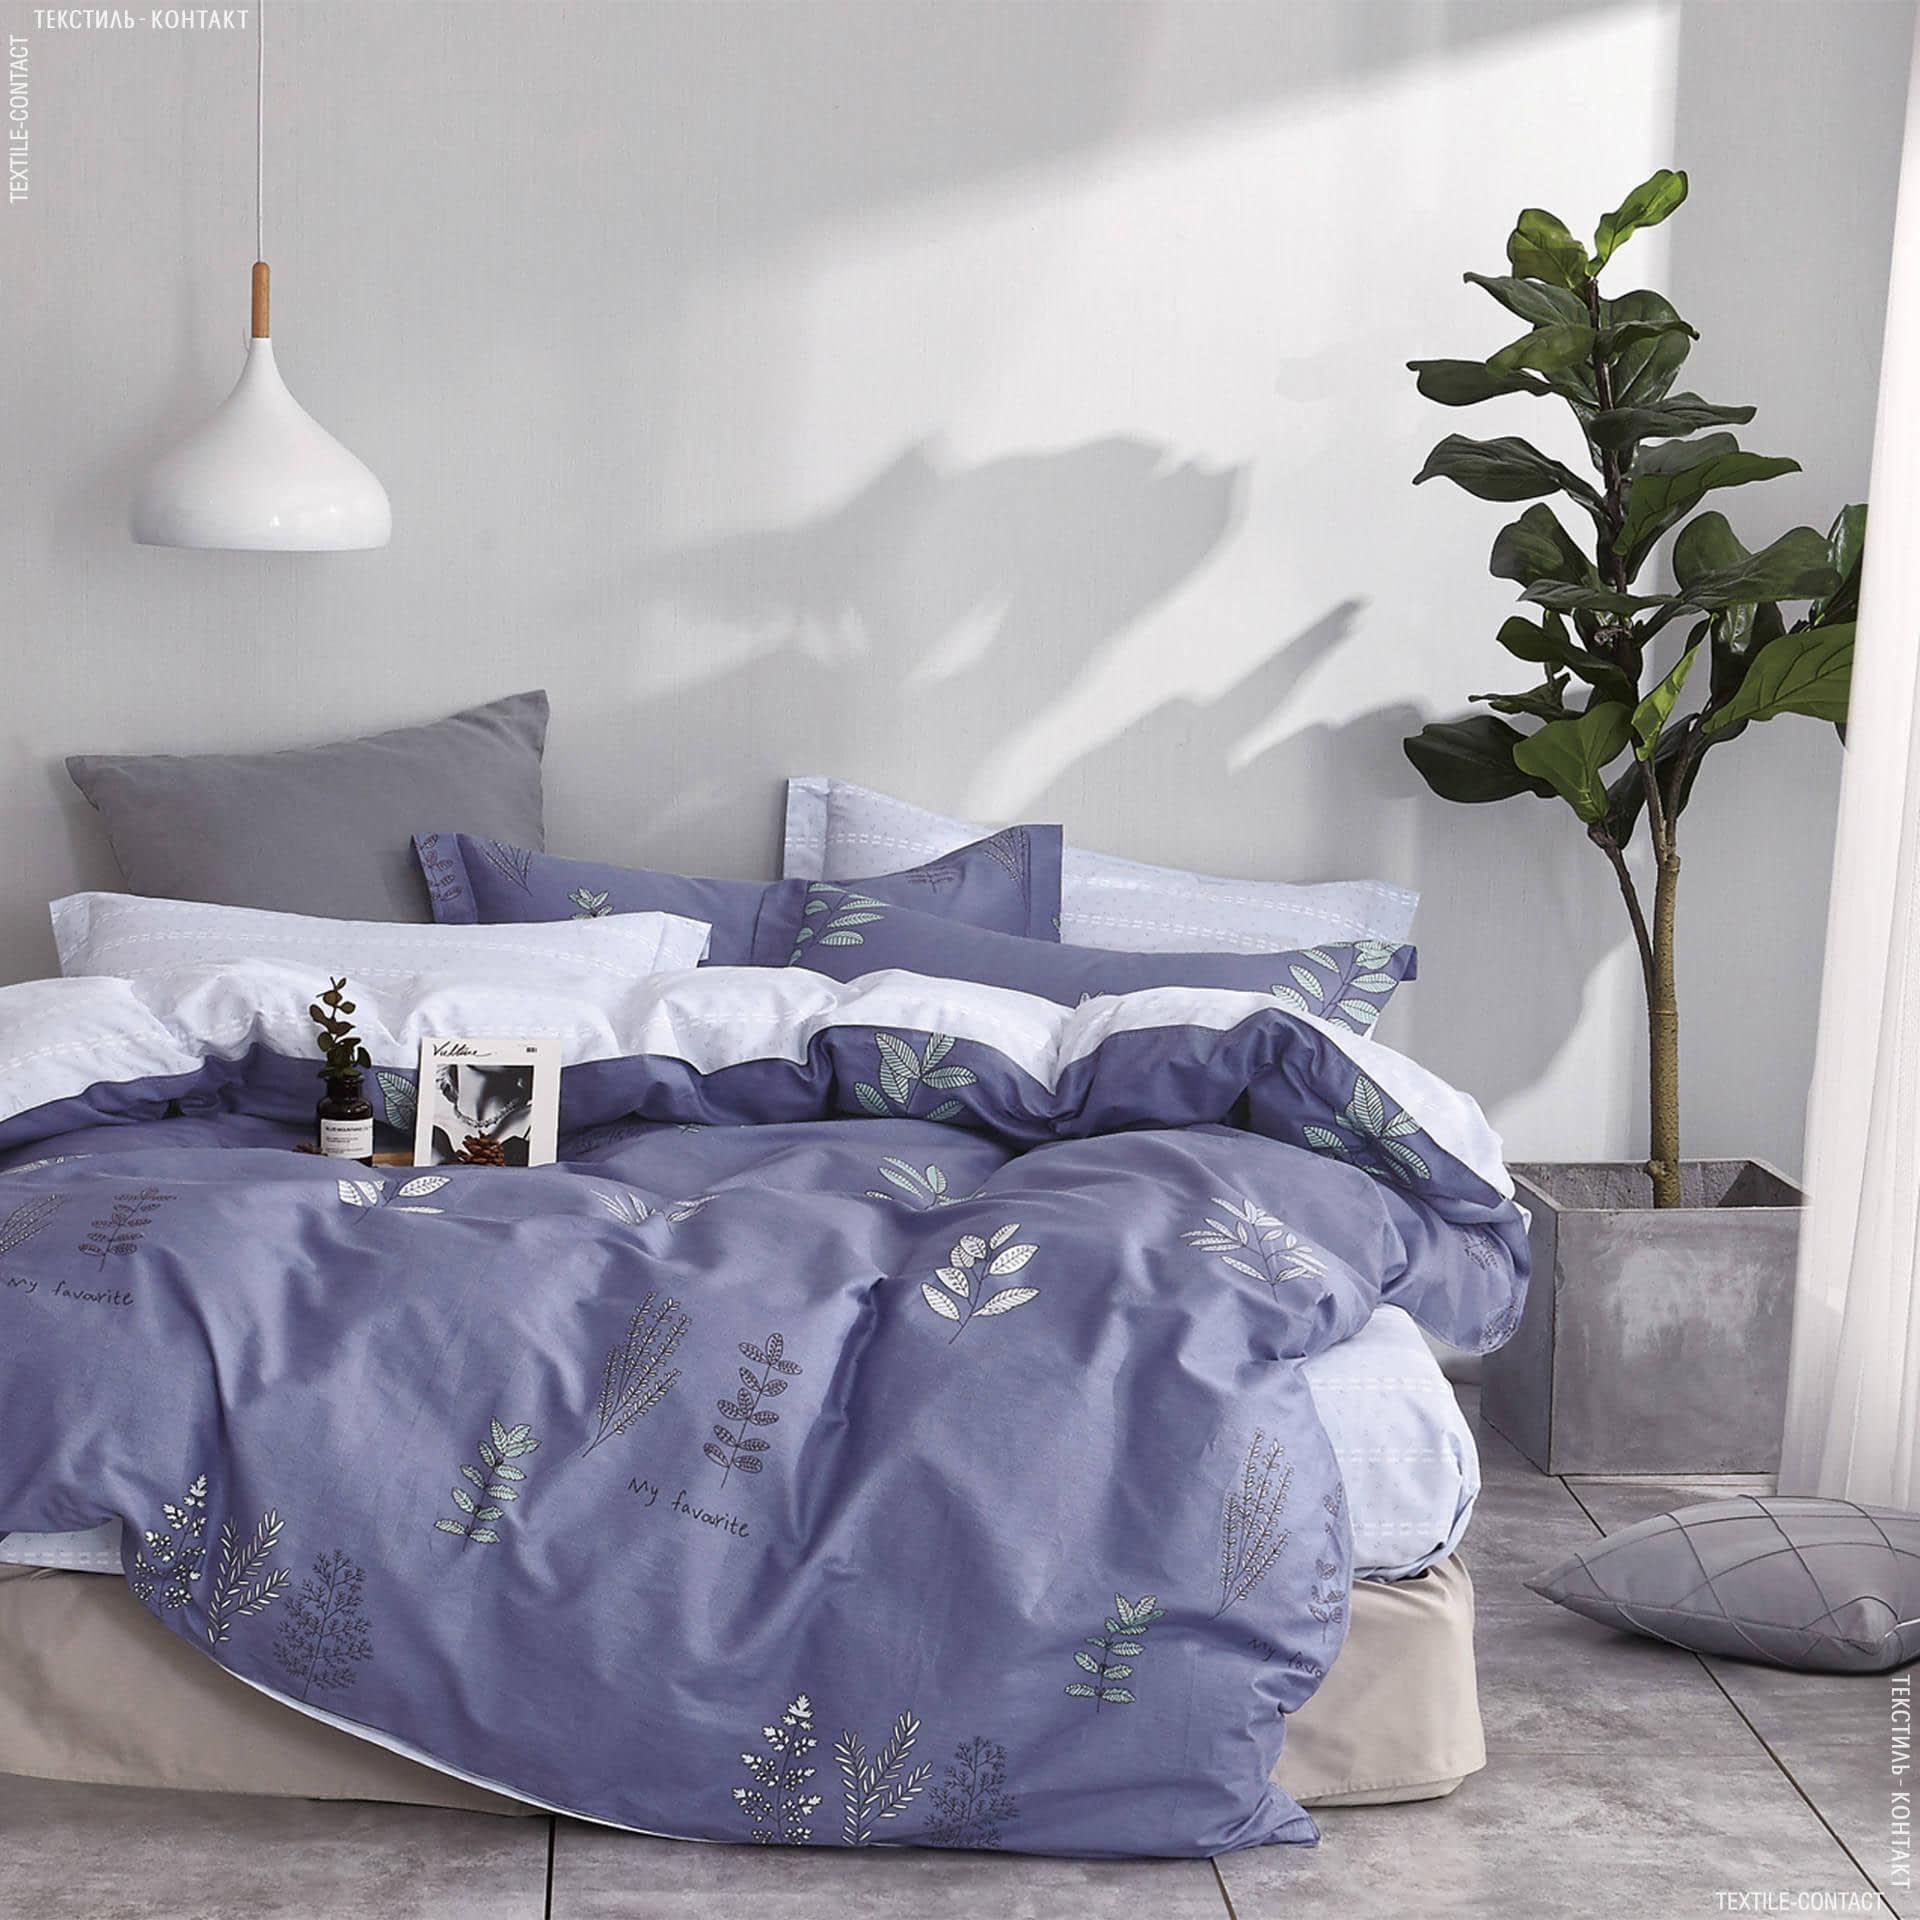 """Ткани комплект постельного белья - Полуторный комплект постельного белья """"камея"""""""